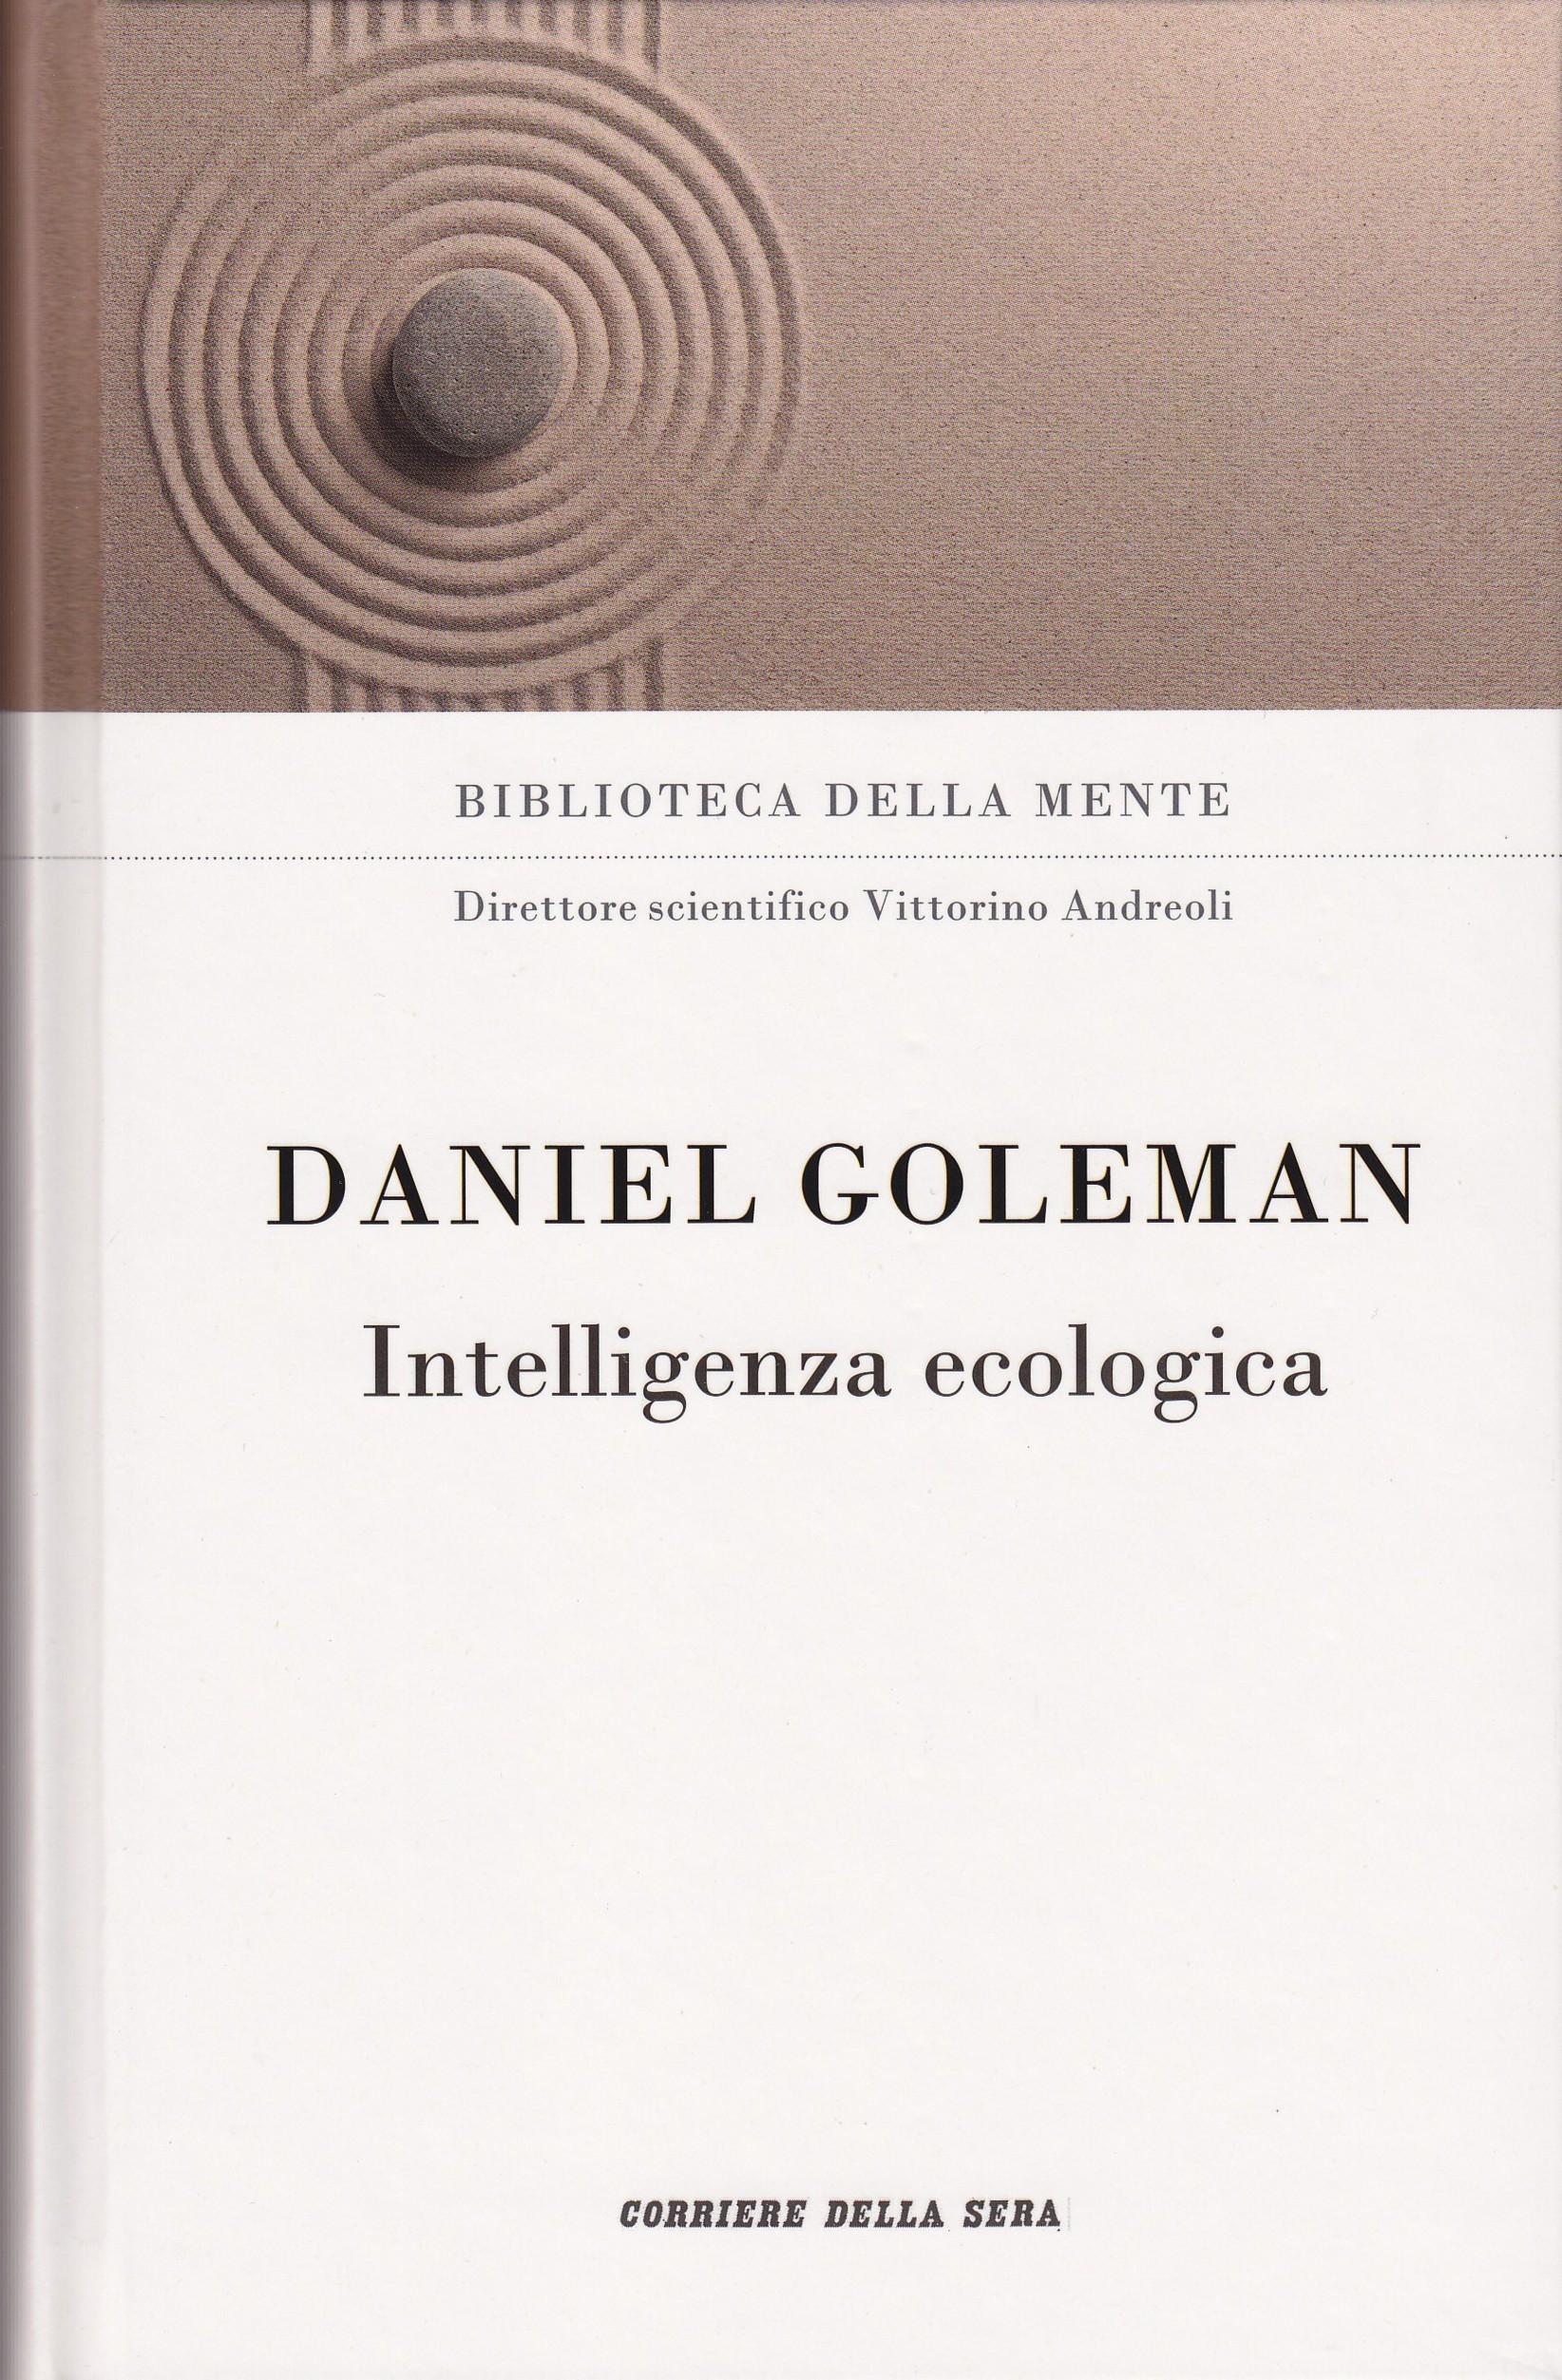 Intelligenza ecologica